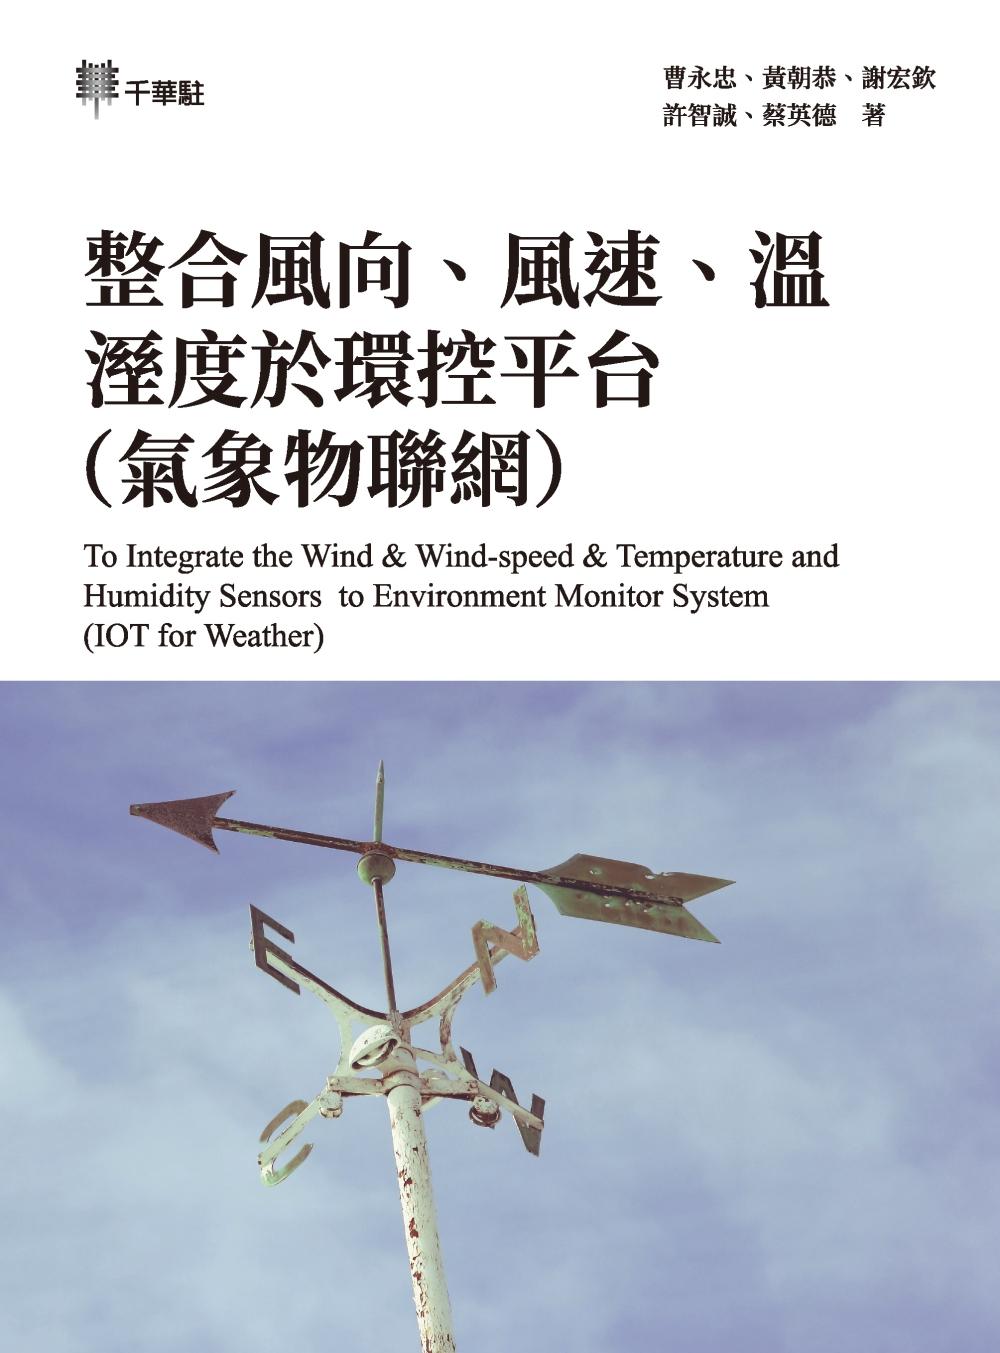 整合風向、風速、溫溼度於環控平...